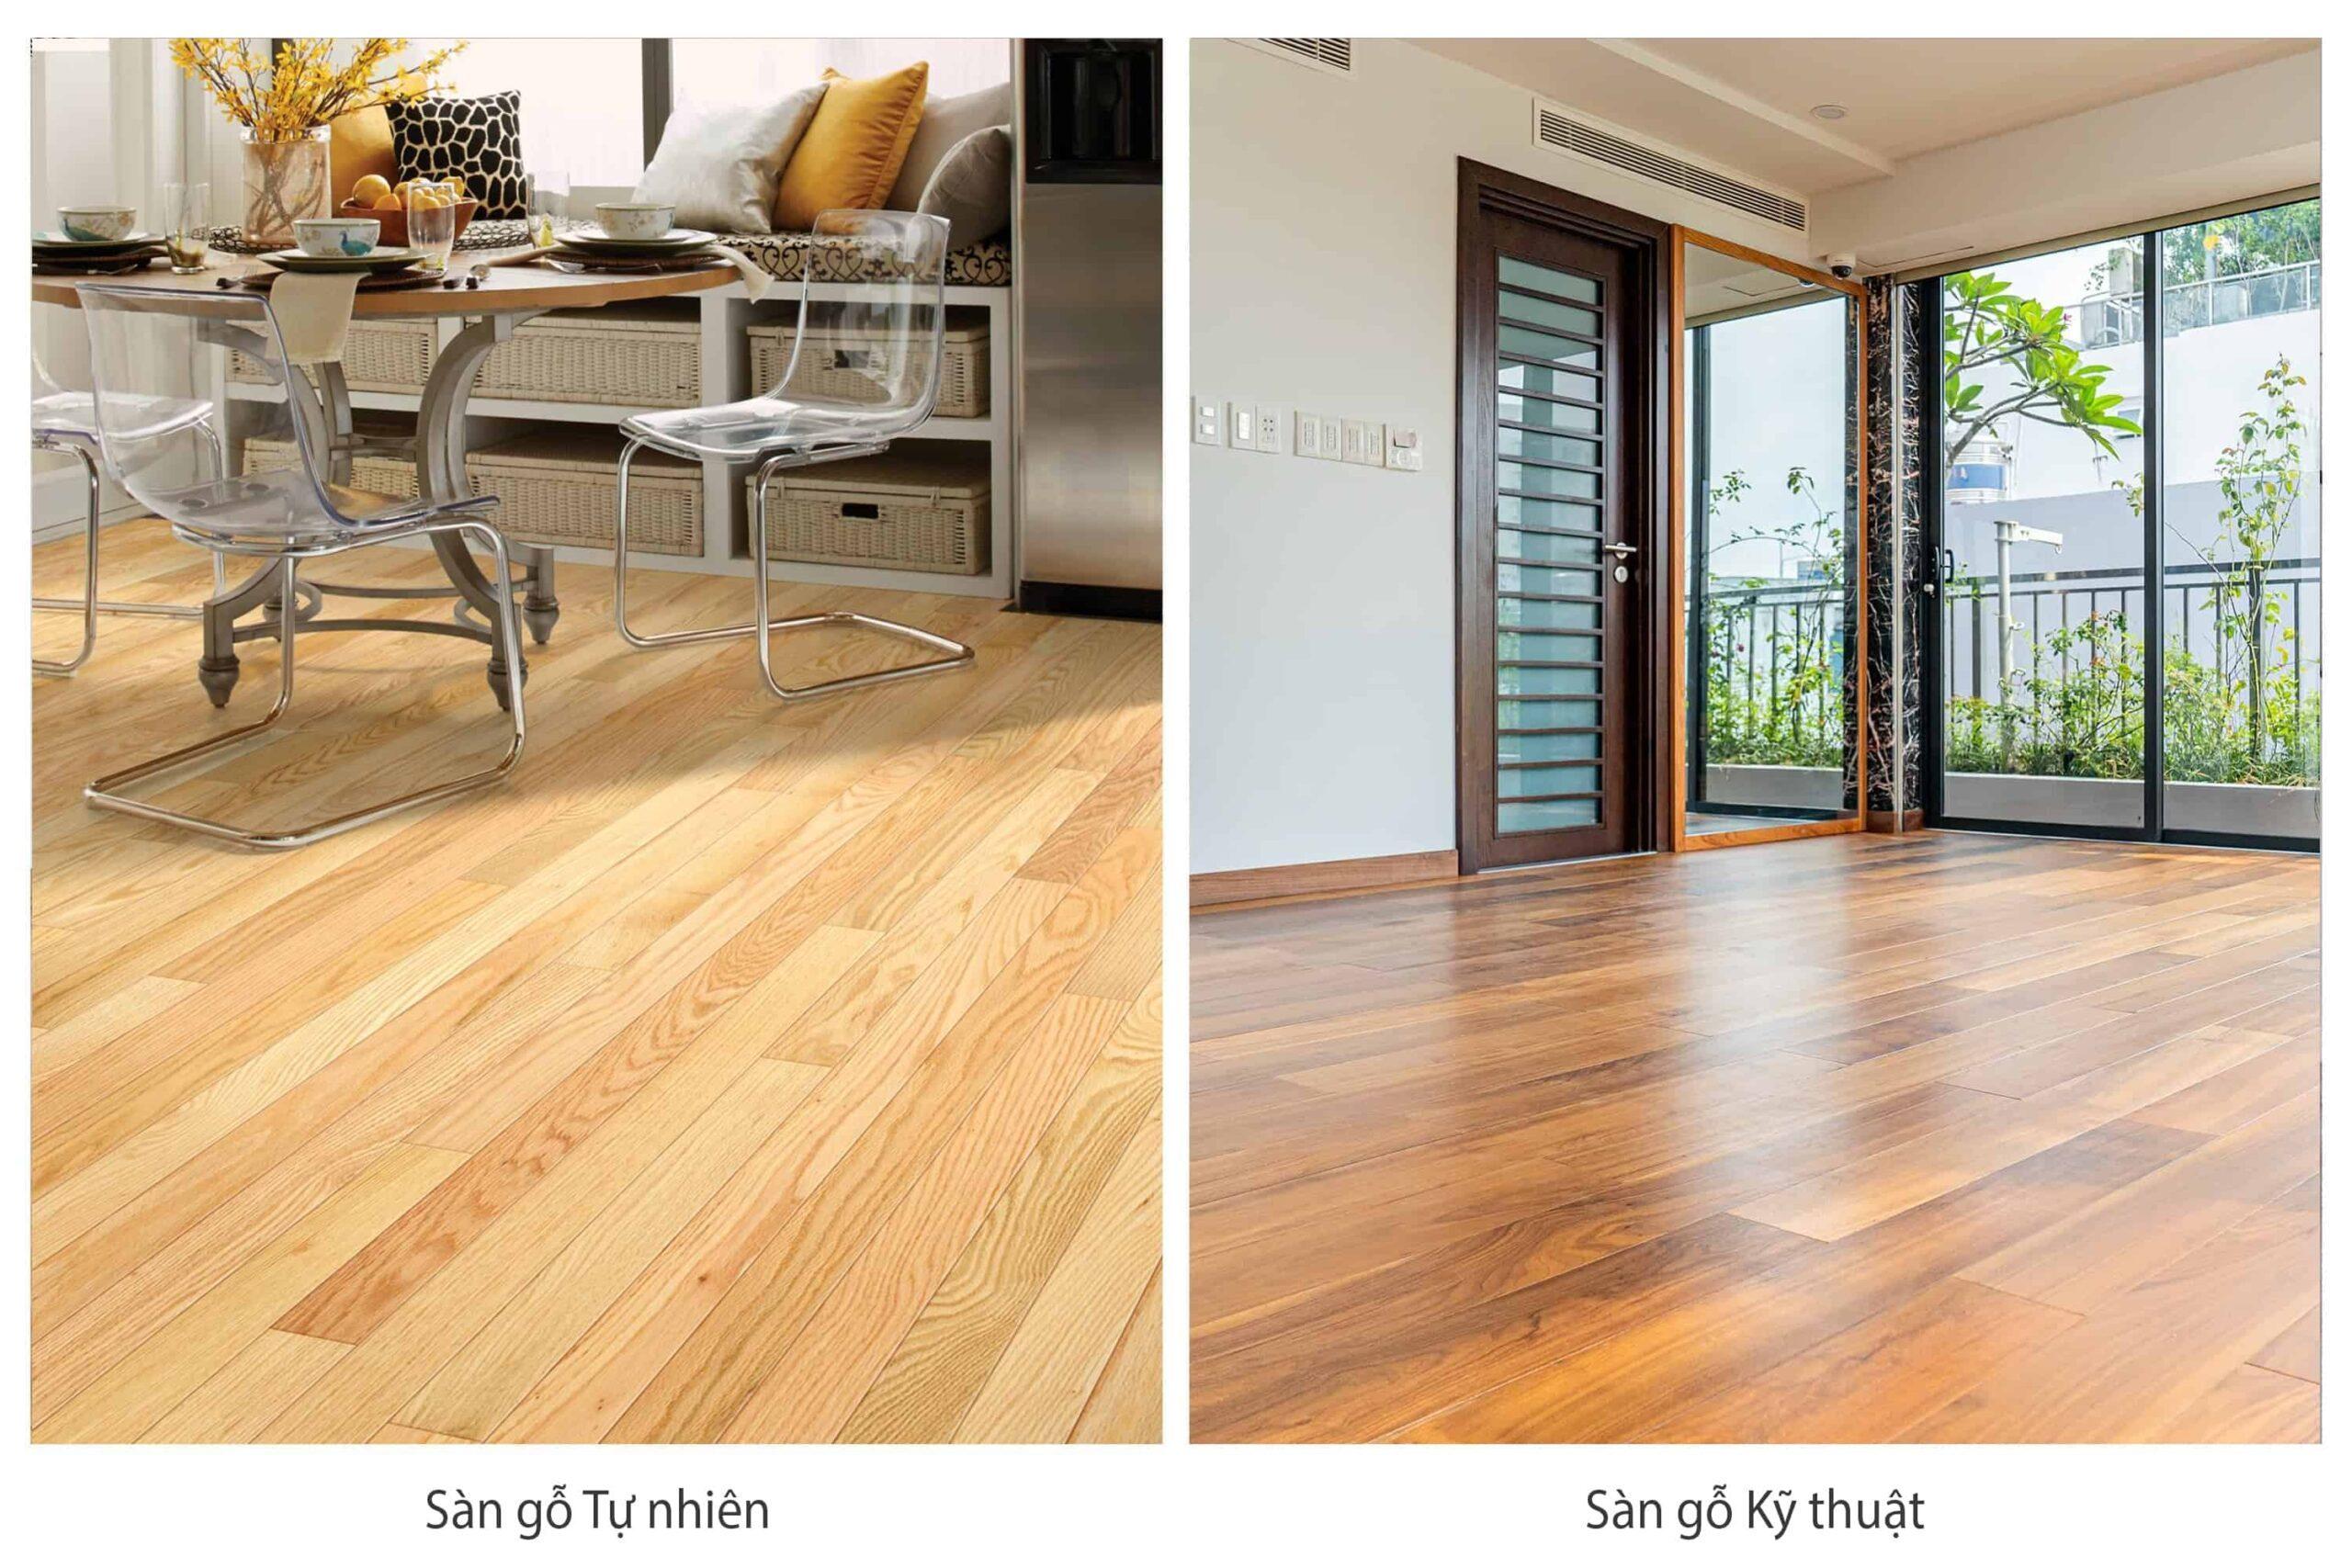 Sàn gỗ Tự nhiên và Sàn gỗ Kỹ thuật